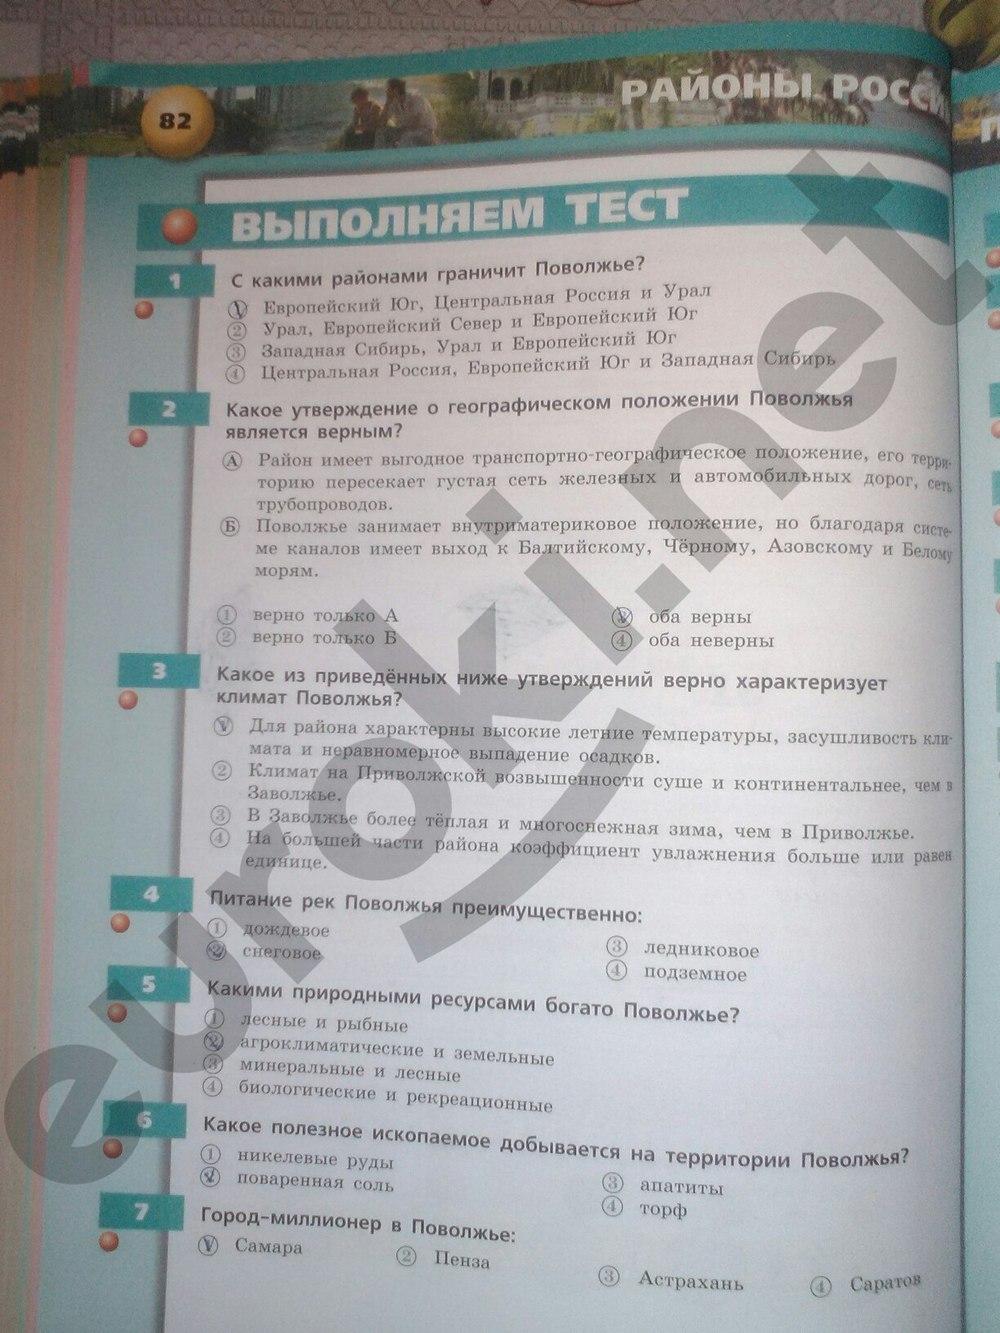 ГДЗ по географии 9 класс тетрадь тренажёр Ходова, Ольховая. Задание: стр. 82